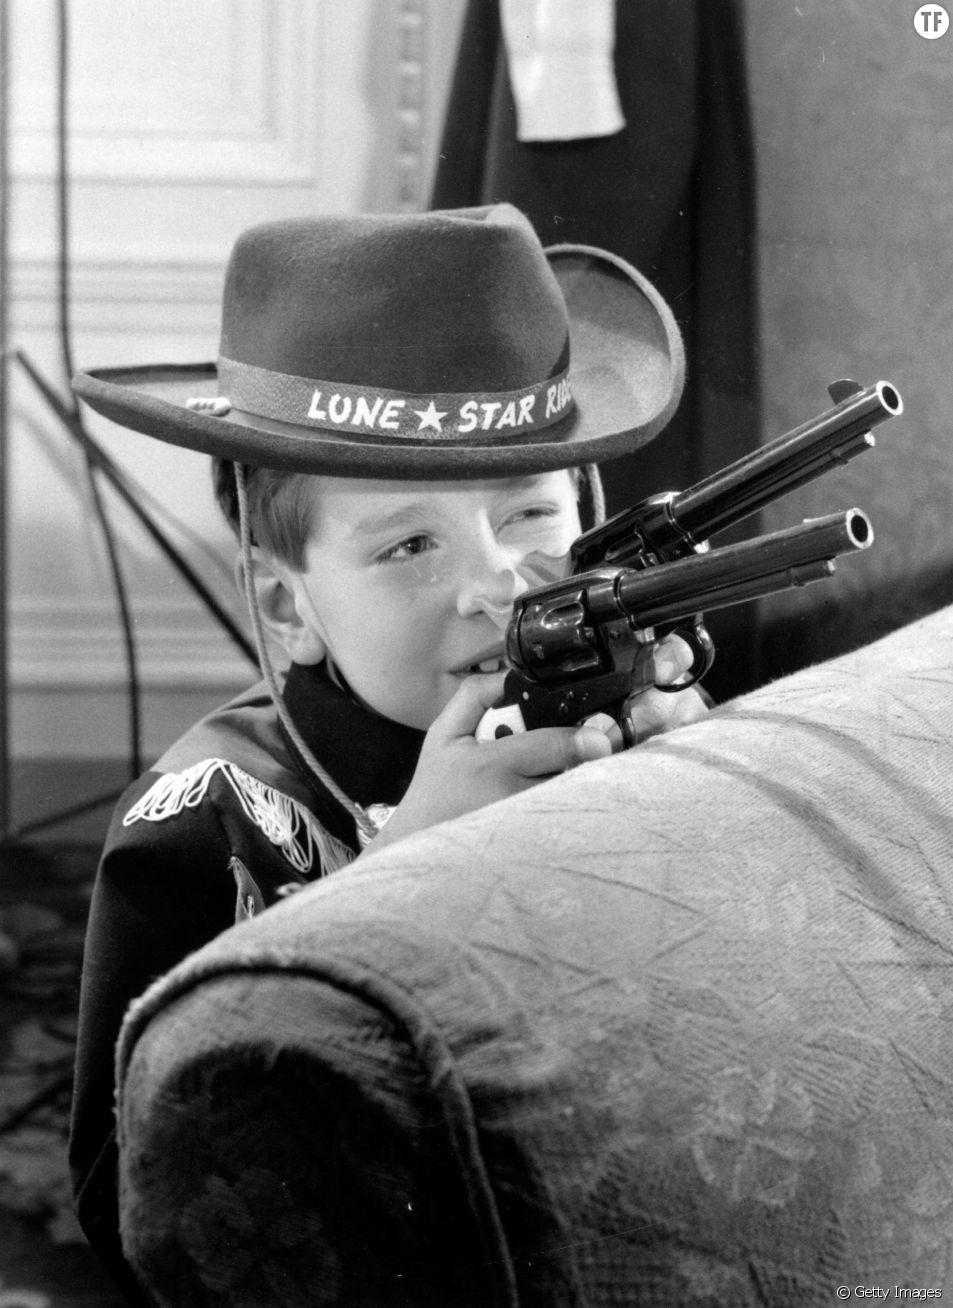 Doit-on laisser ses enfants jouer avec des pistolets en plastique ?